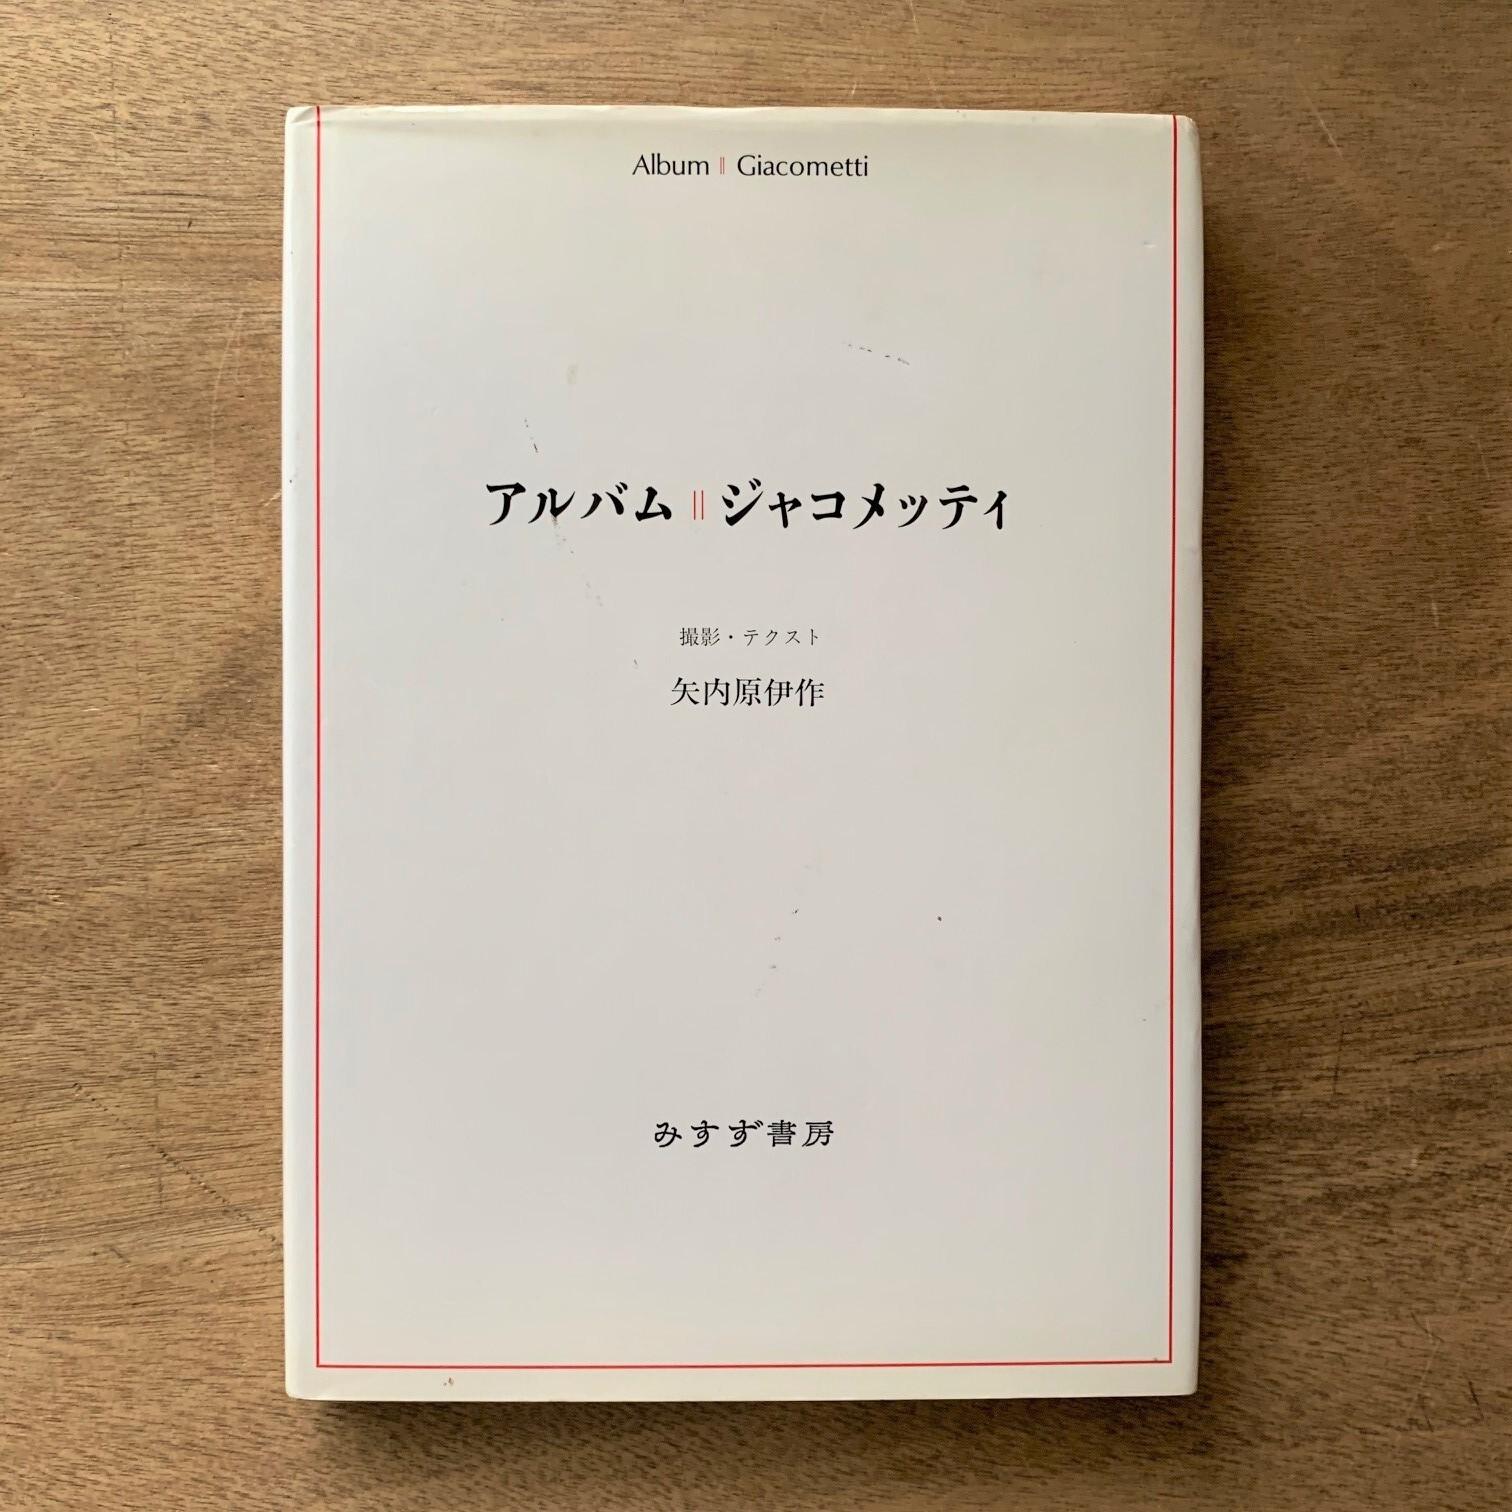 アルバム ジャコメッティ / 矢内原伊作